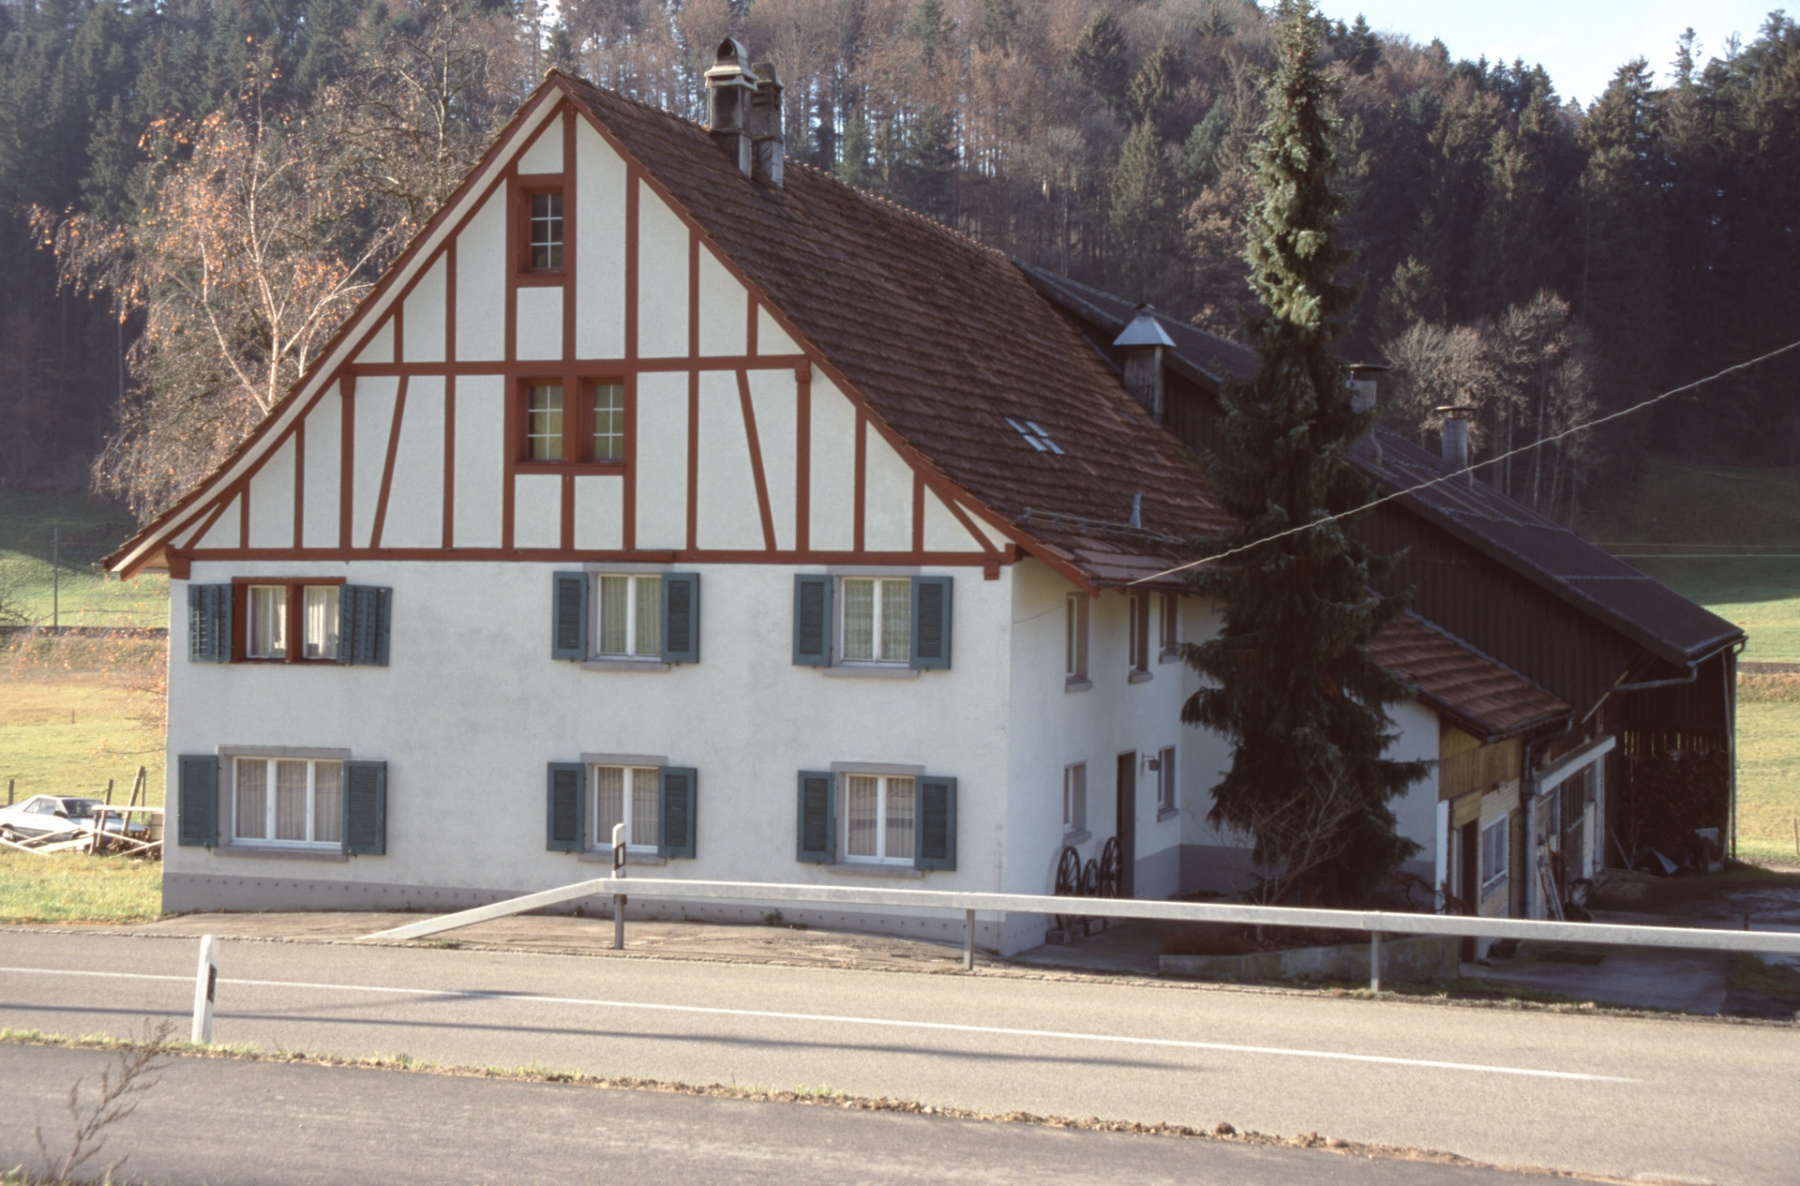 Haus ehem Gredig mit Bauernfamilie